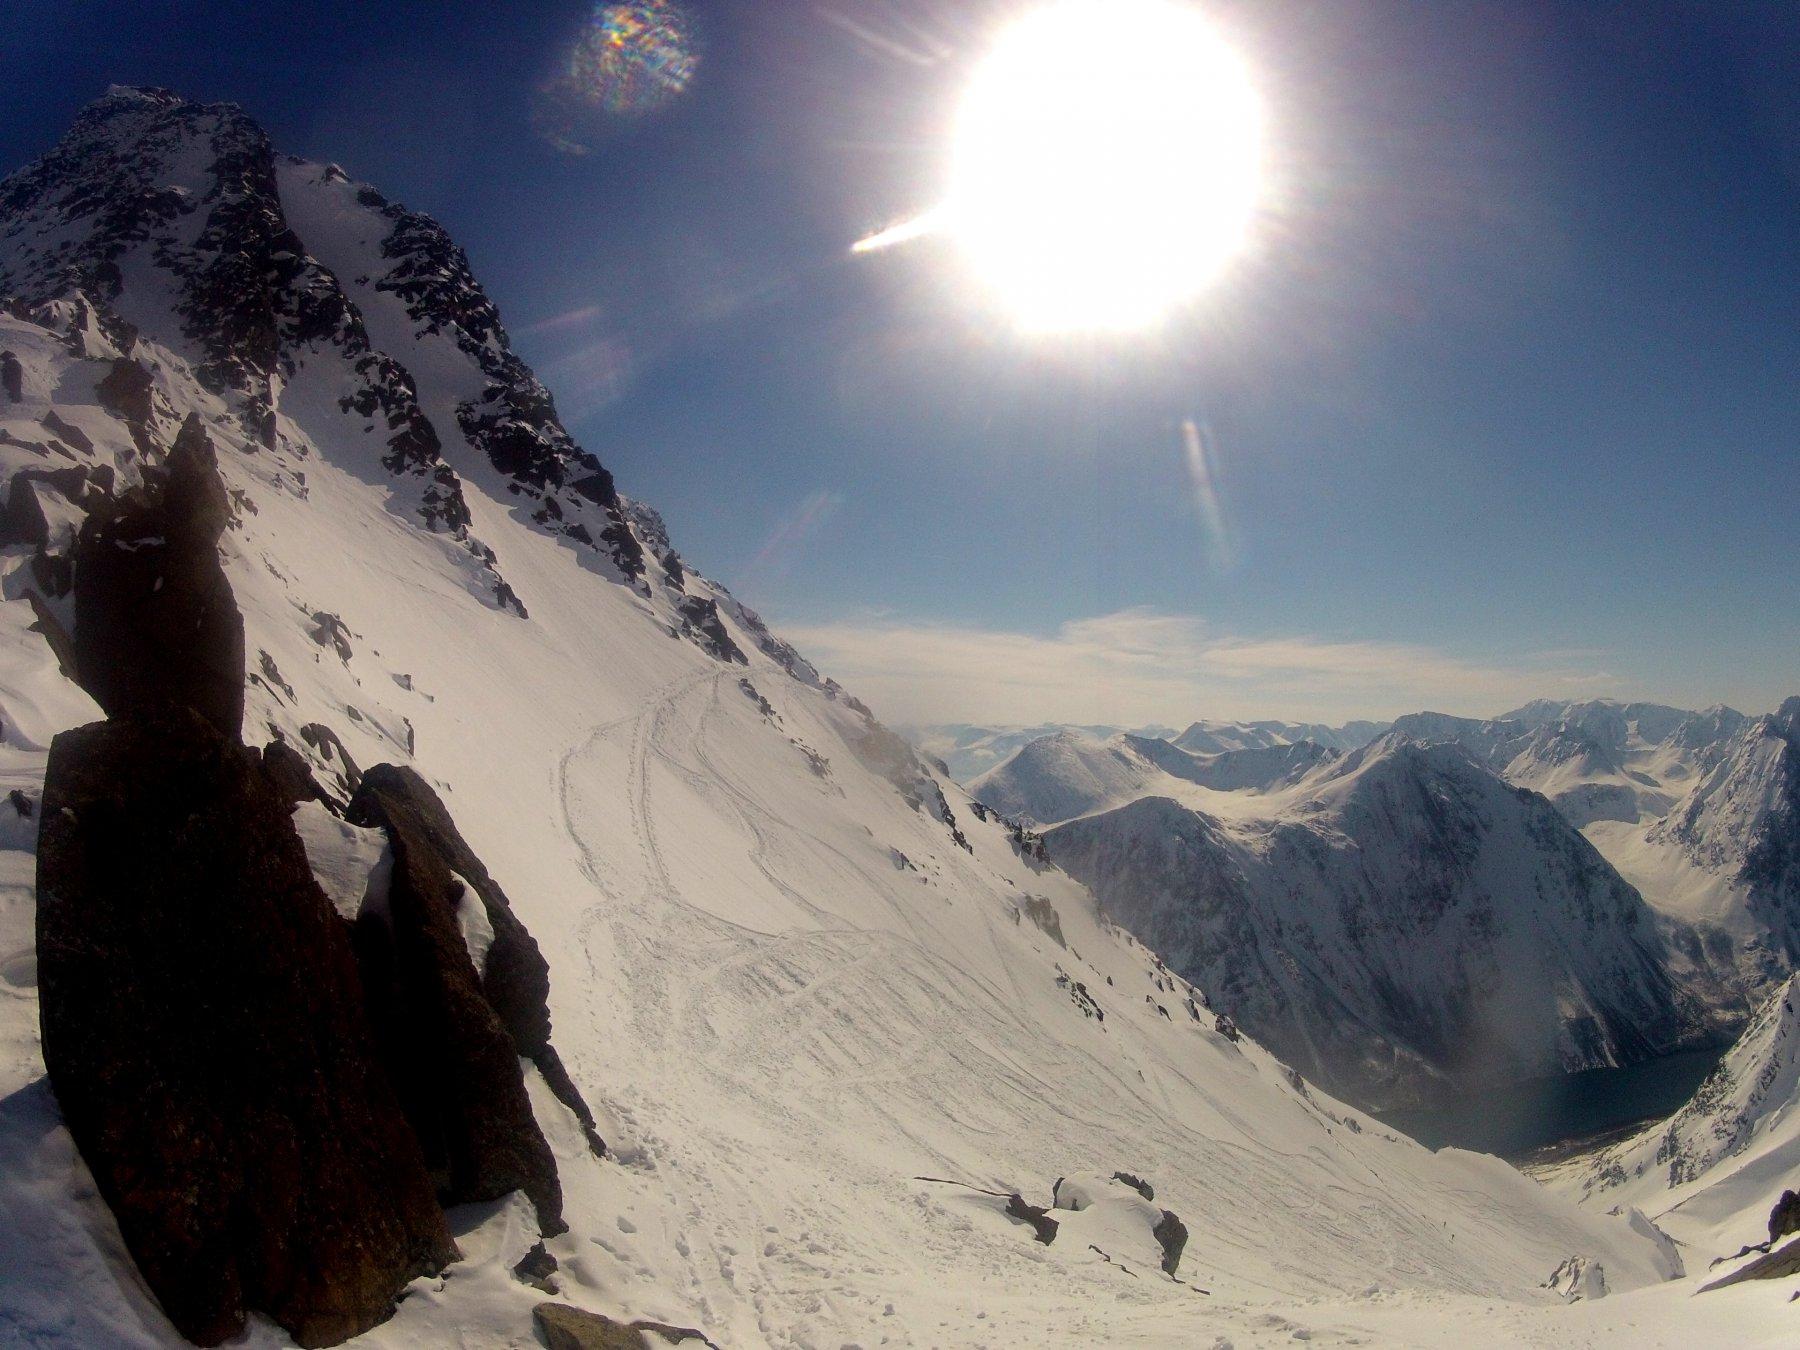 alla base della cresta sommitale, dove si lasciano gli sci